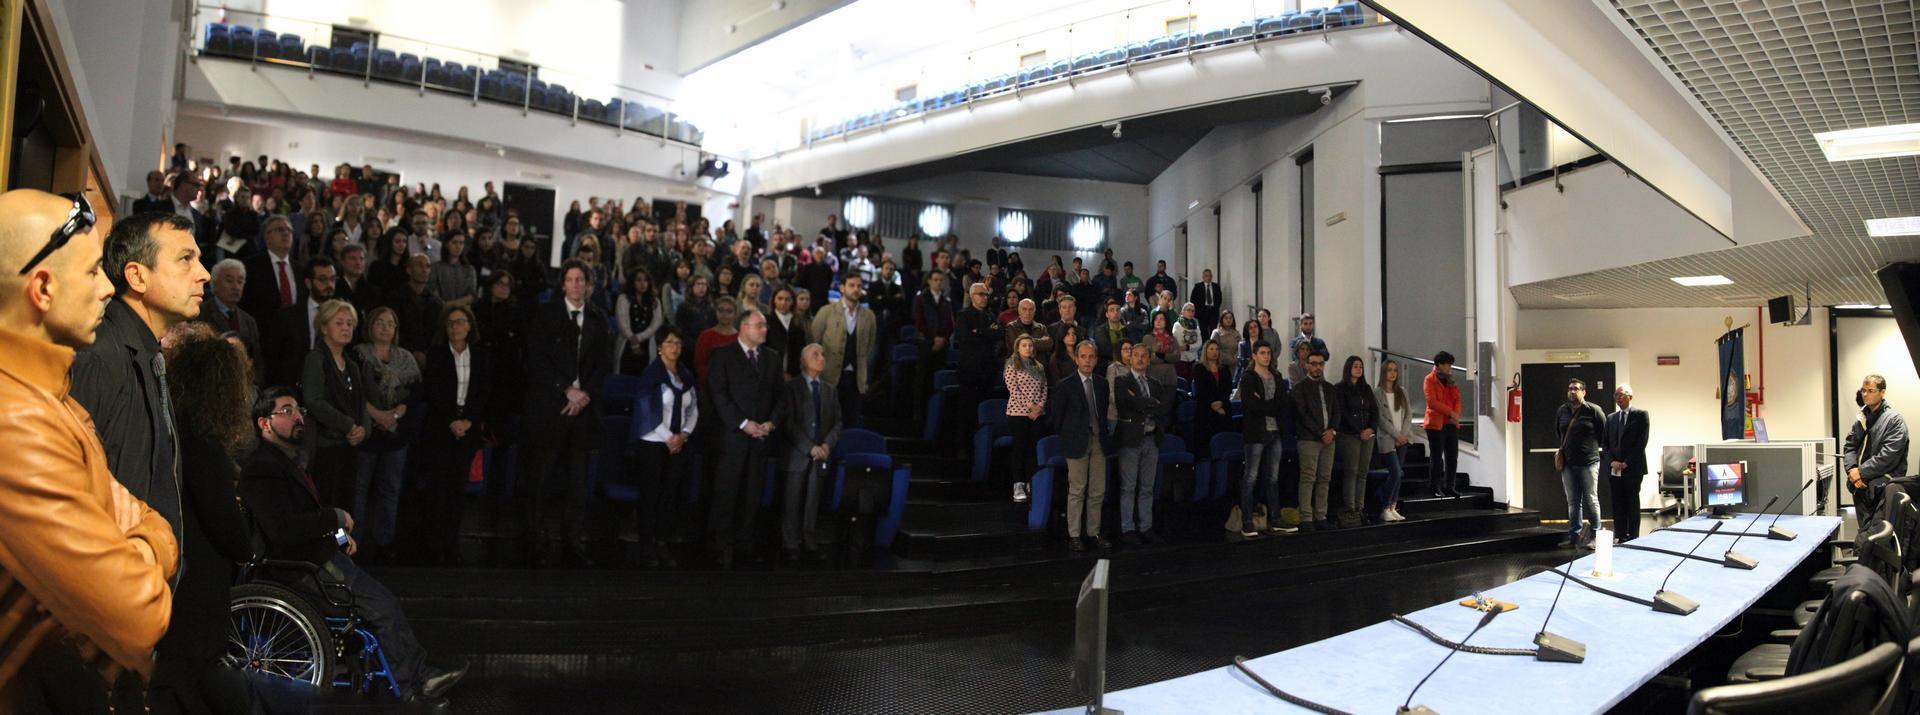 Mediterranea cerimonia per attentati Parigi